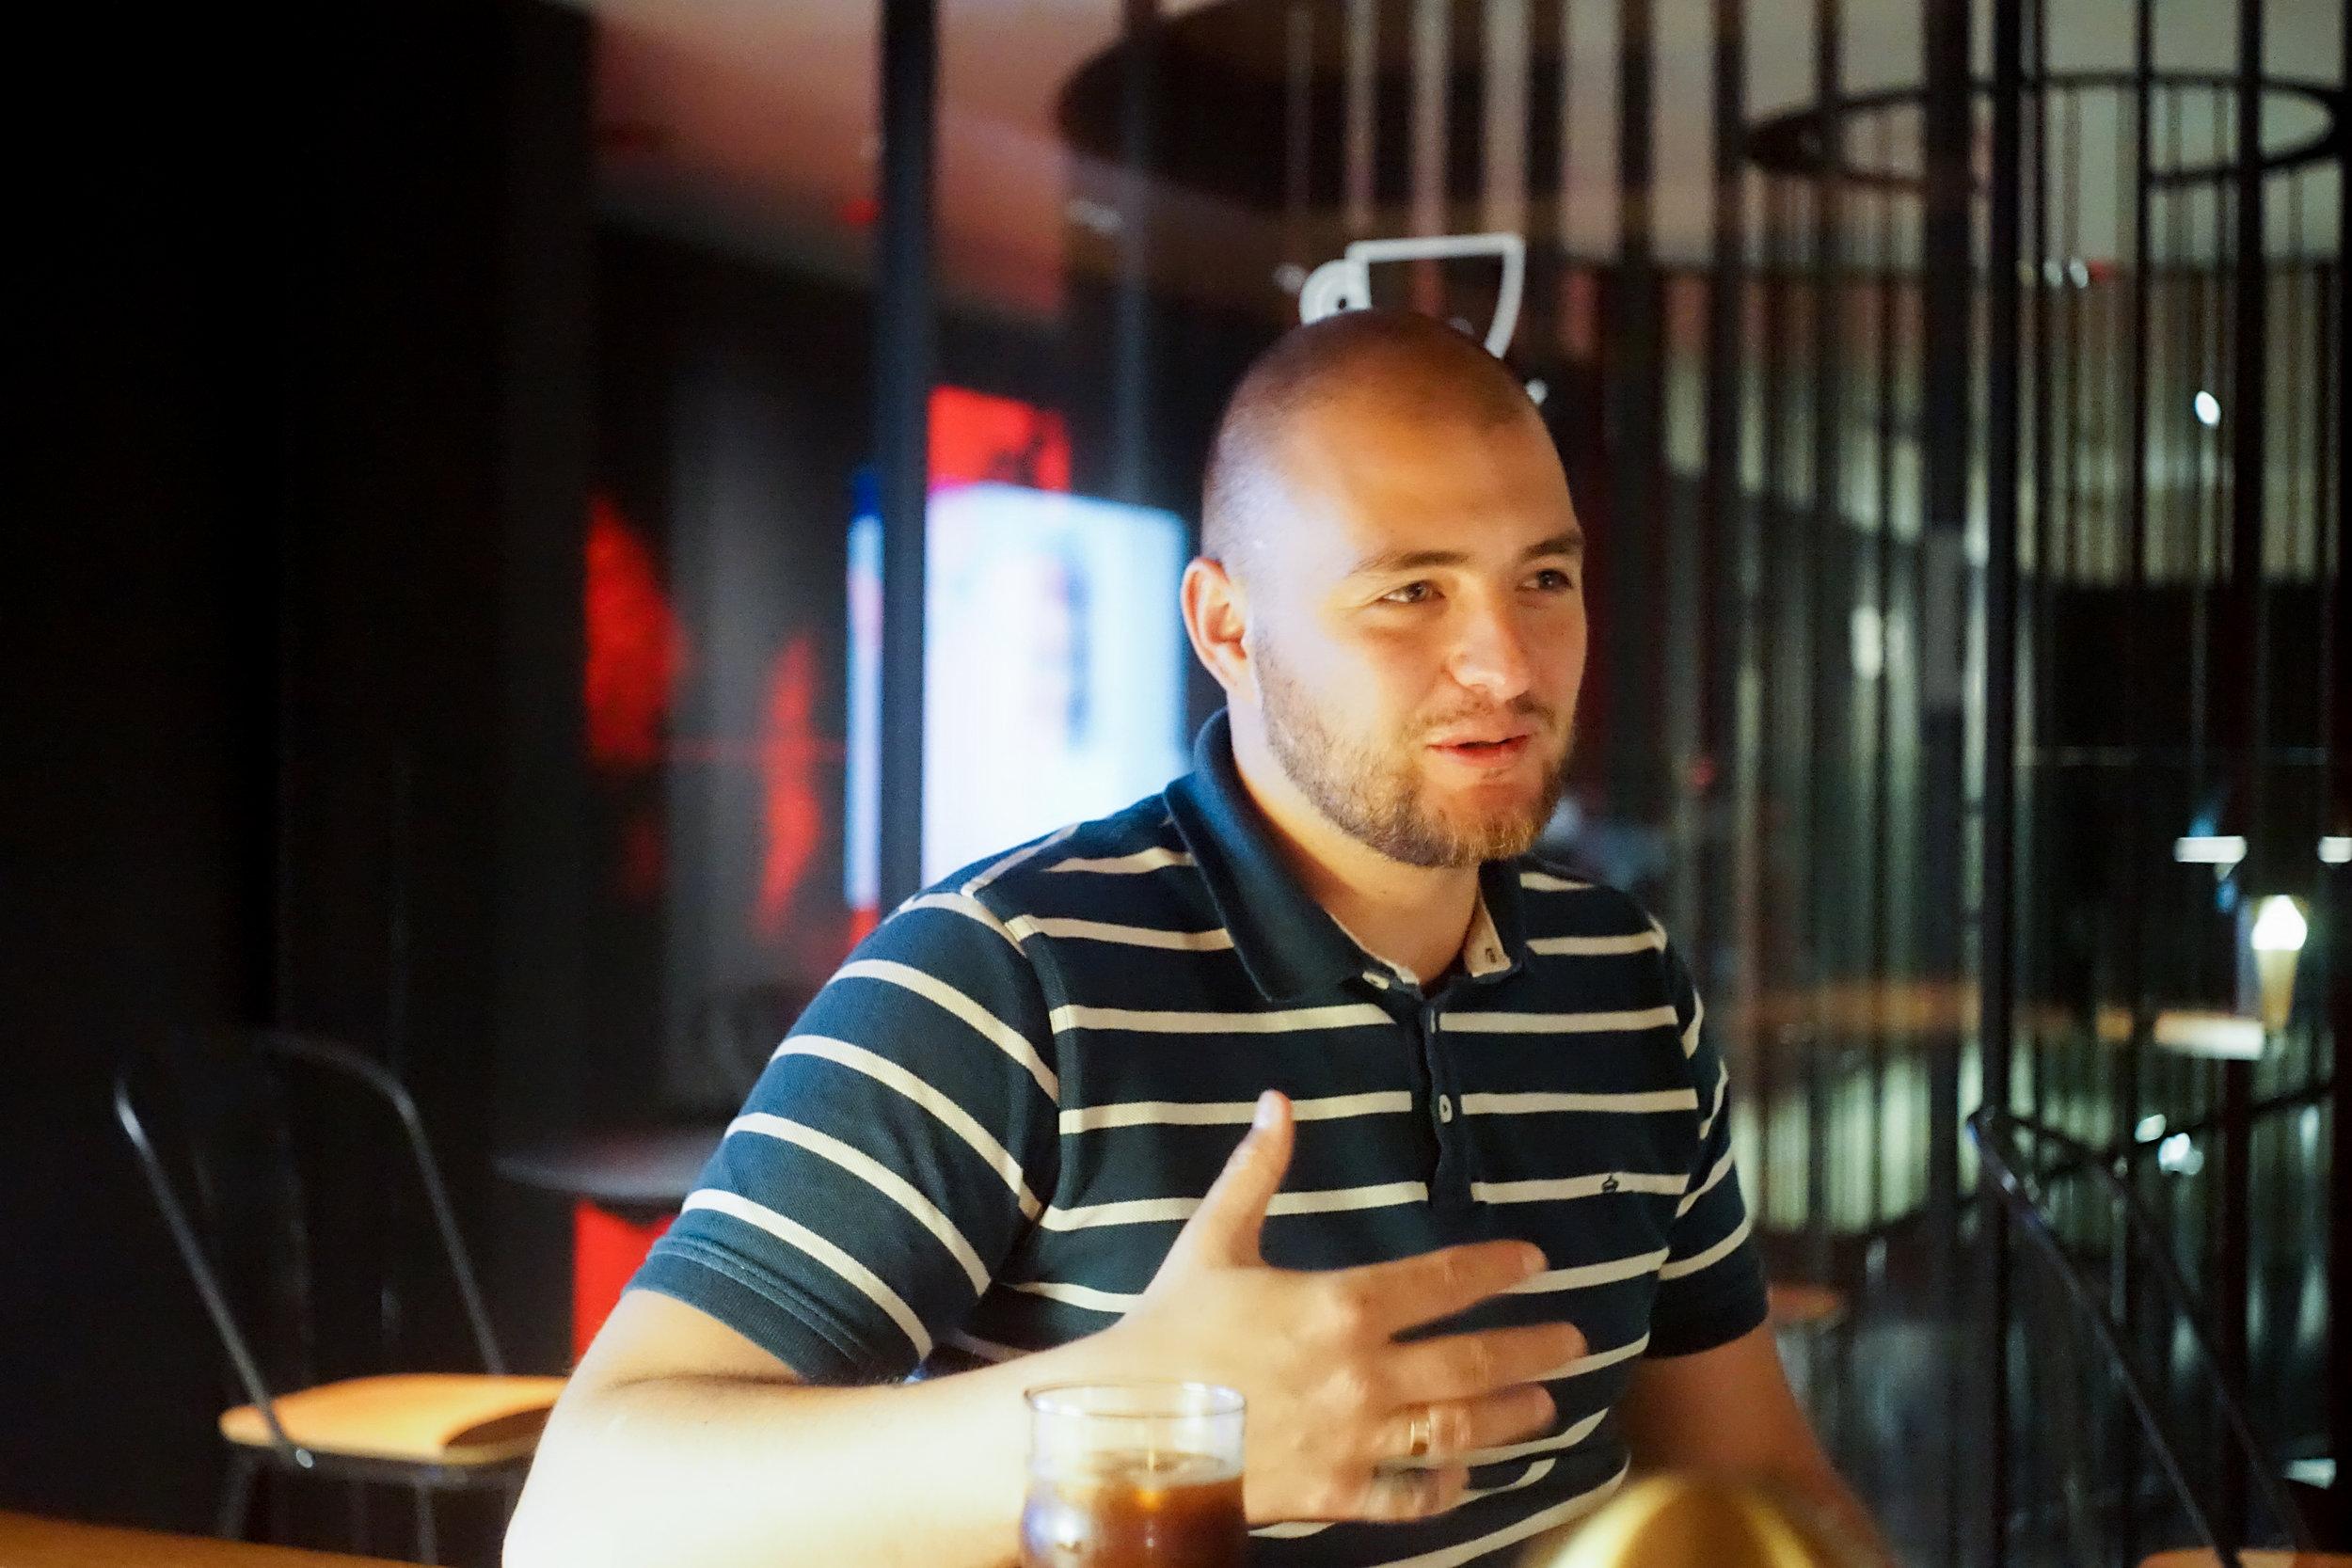 ▲ 時隔兩年再見面,Sergey仍是帶著他朗朗的笑聲,謙厚的臉容抹上一份穩重。